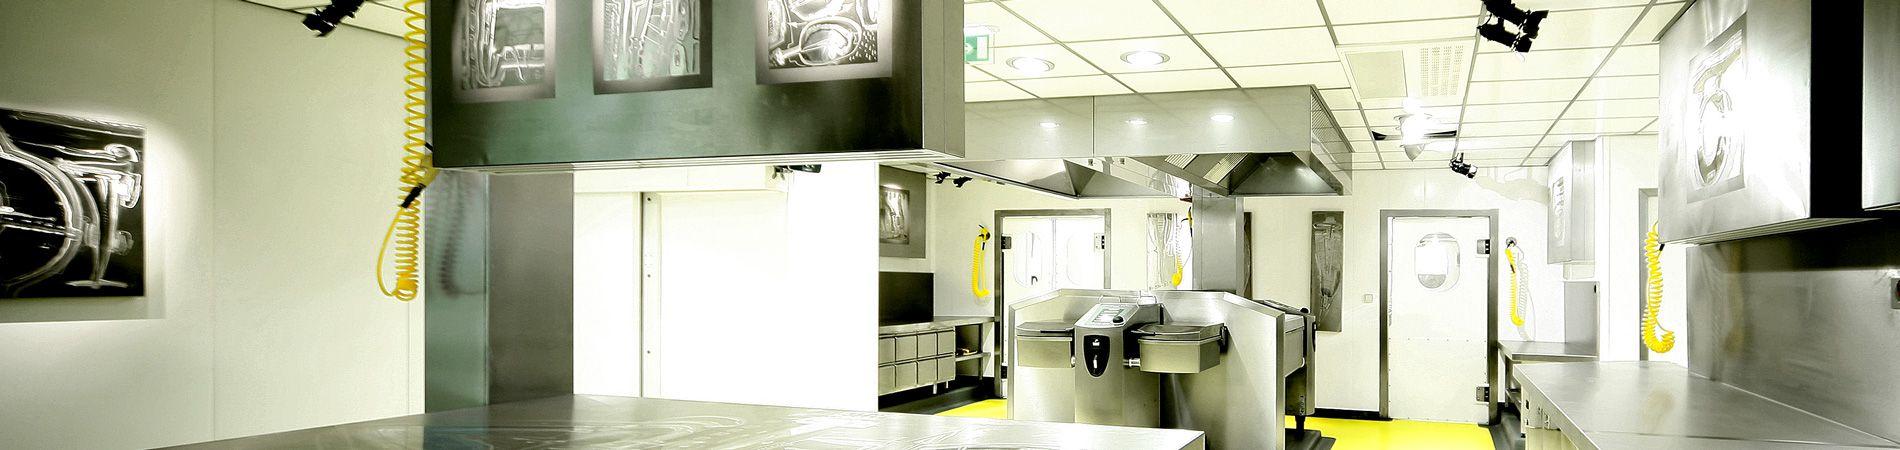 intérieur des cuisines grands buffets narbonne